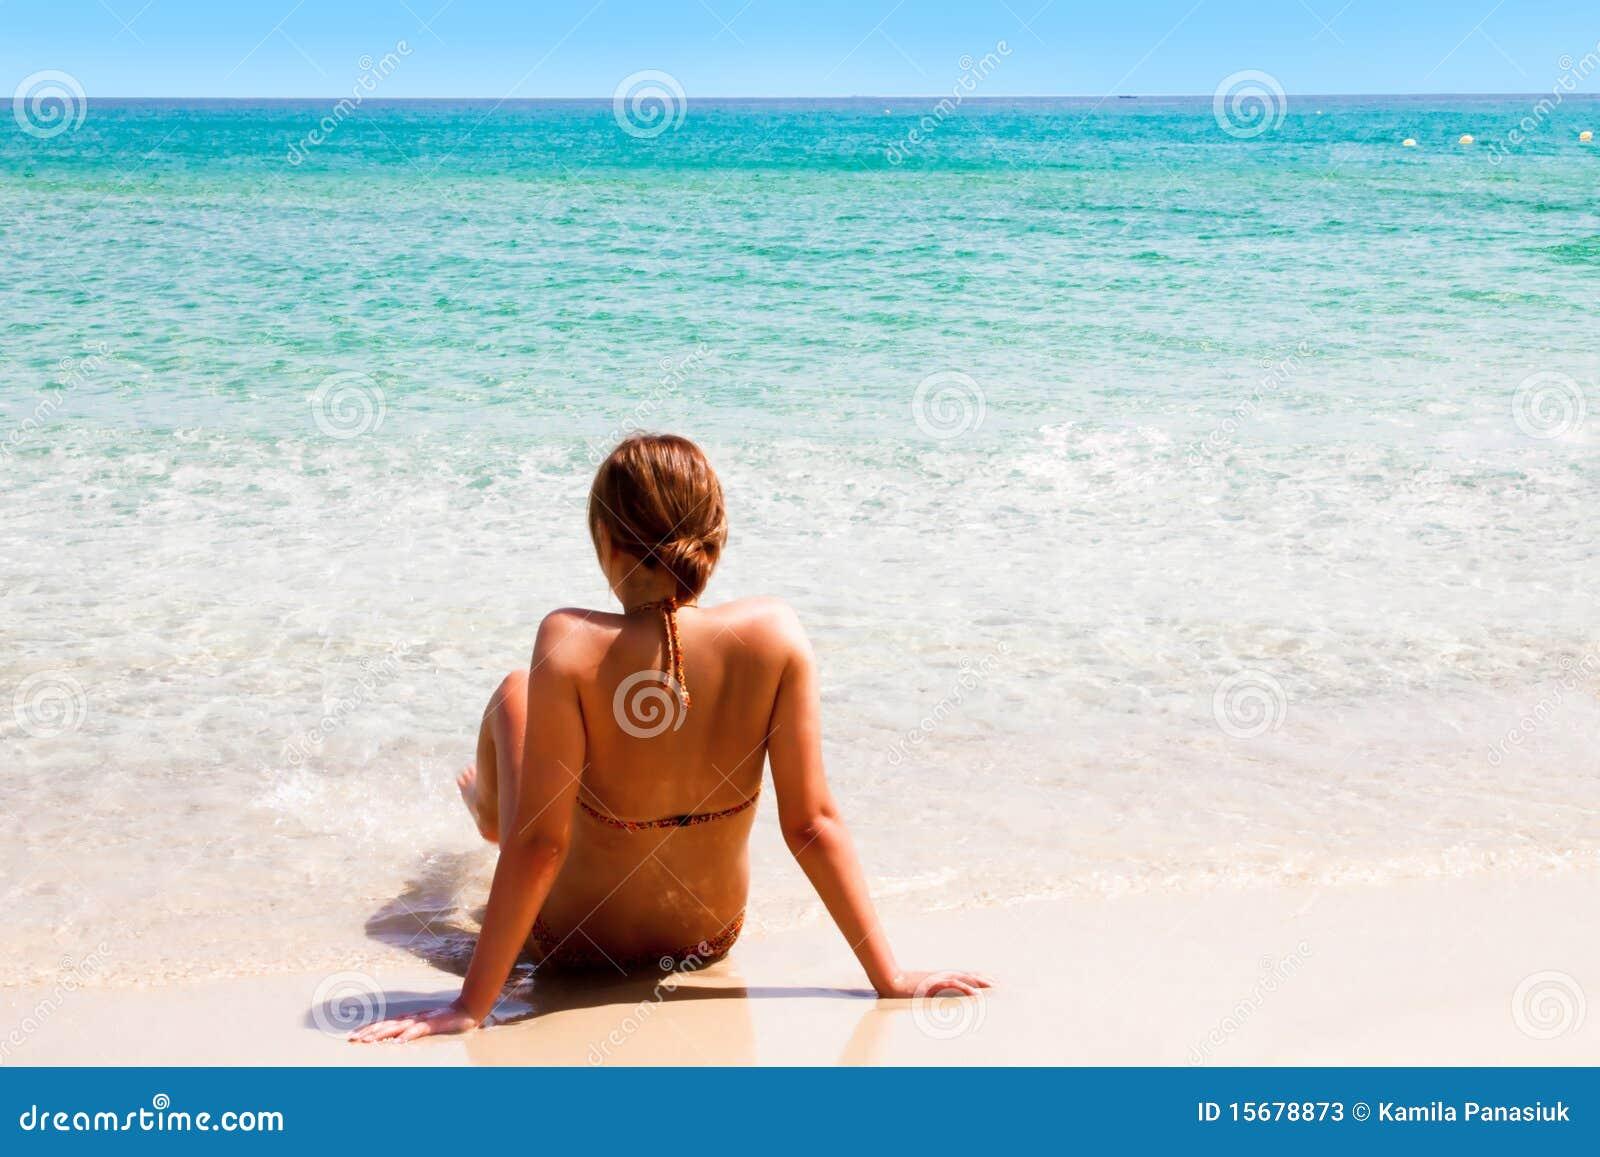 海滩女孩开会